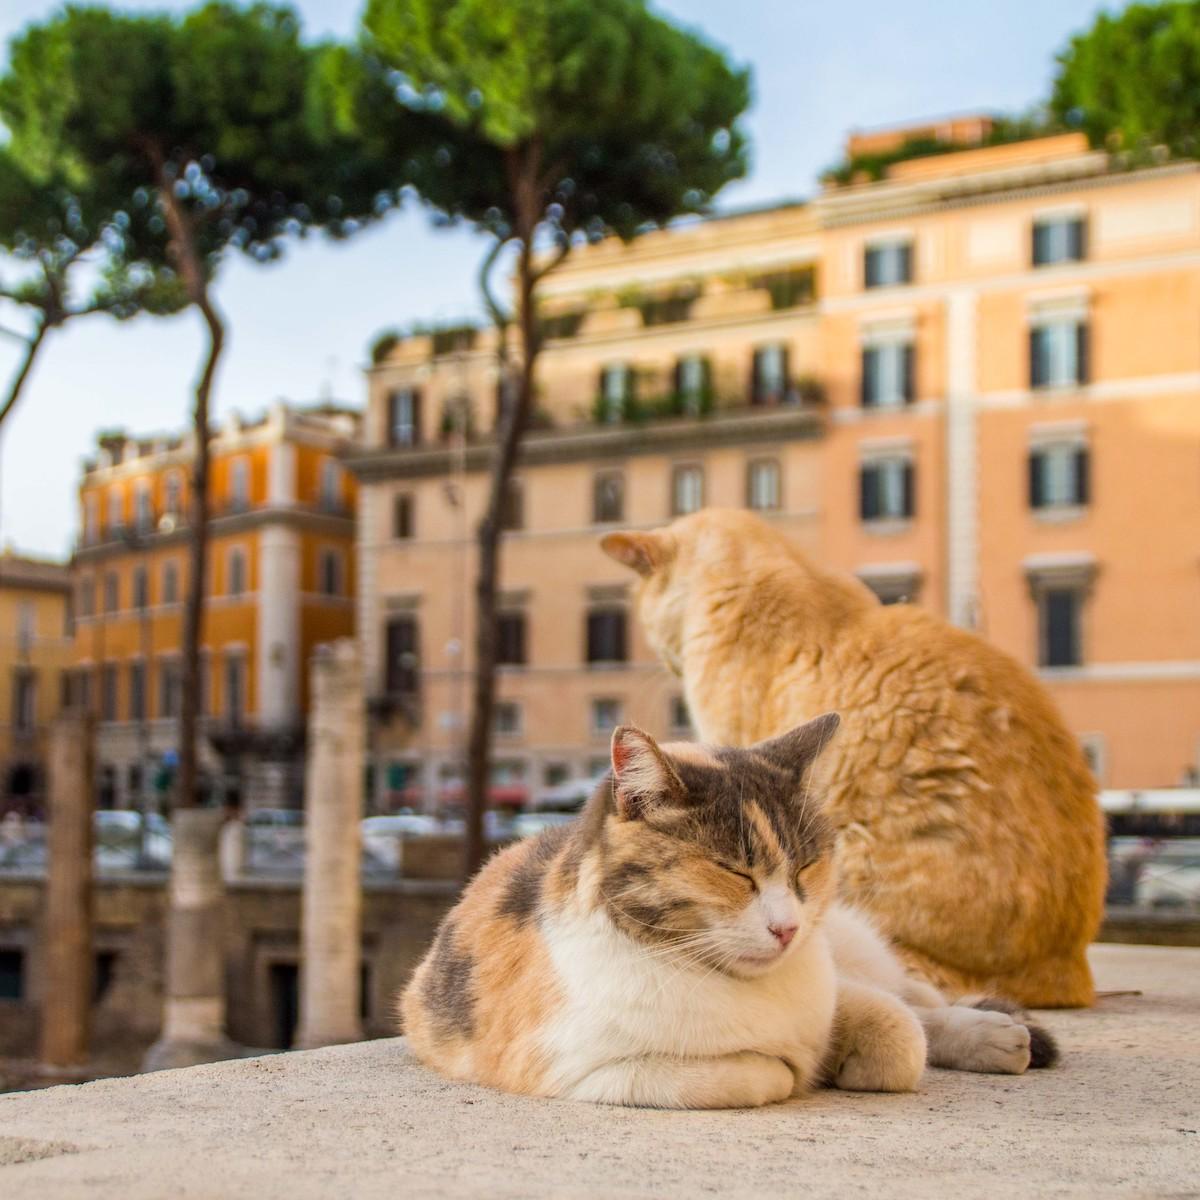 Stray cat in Rome, Italy.